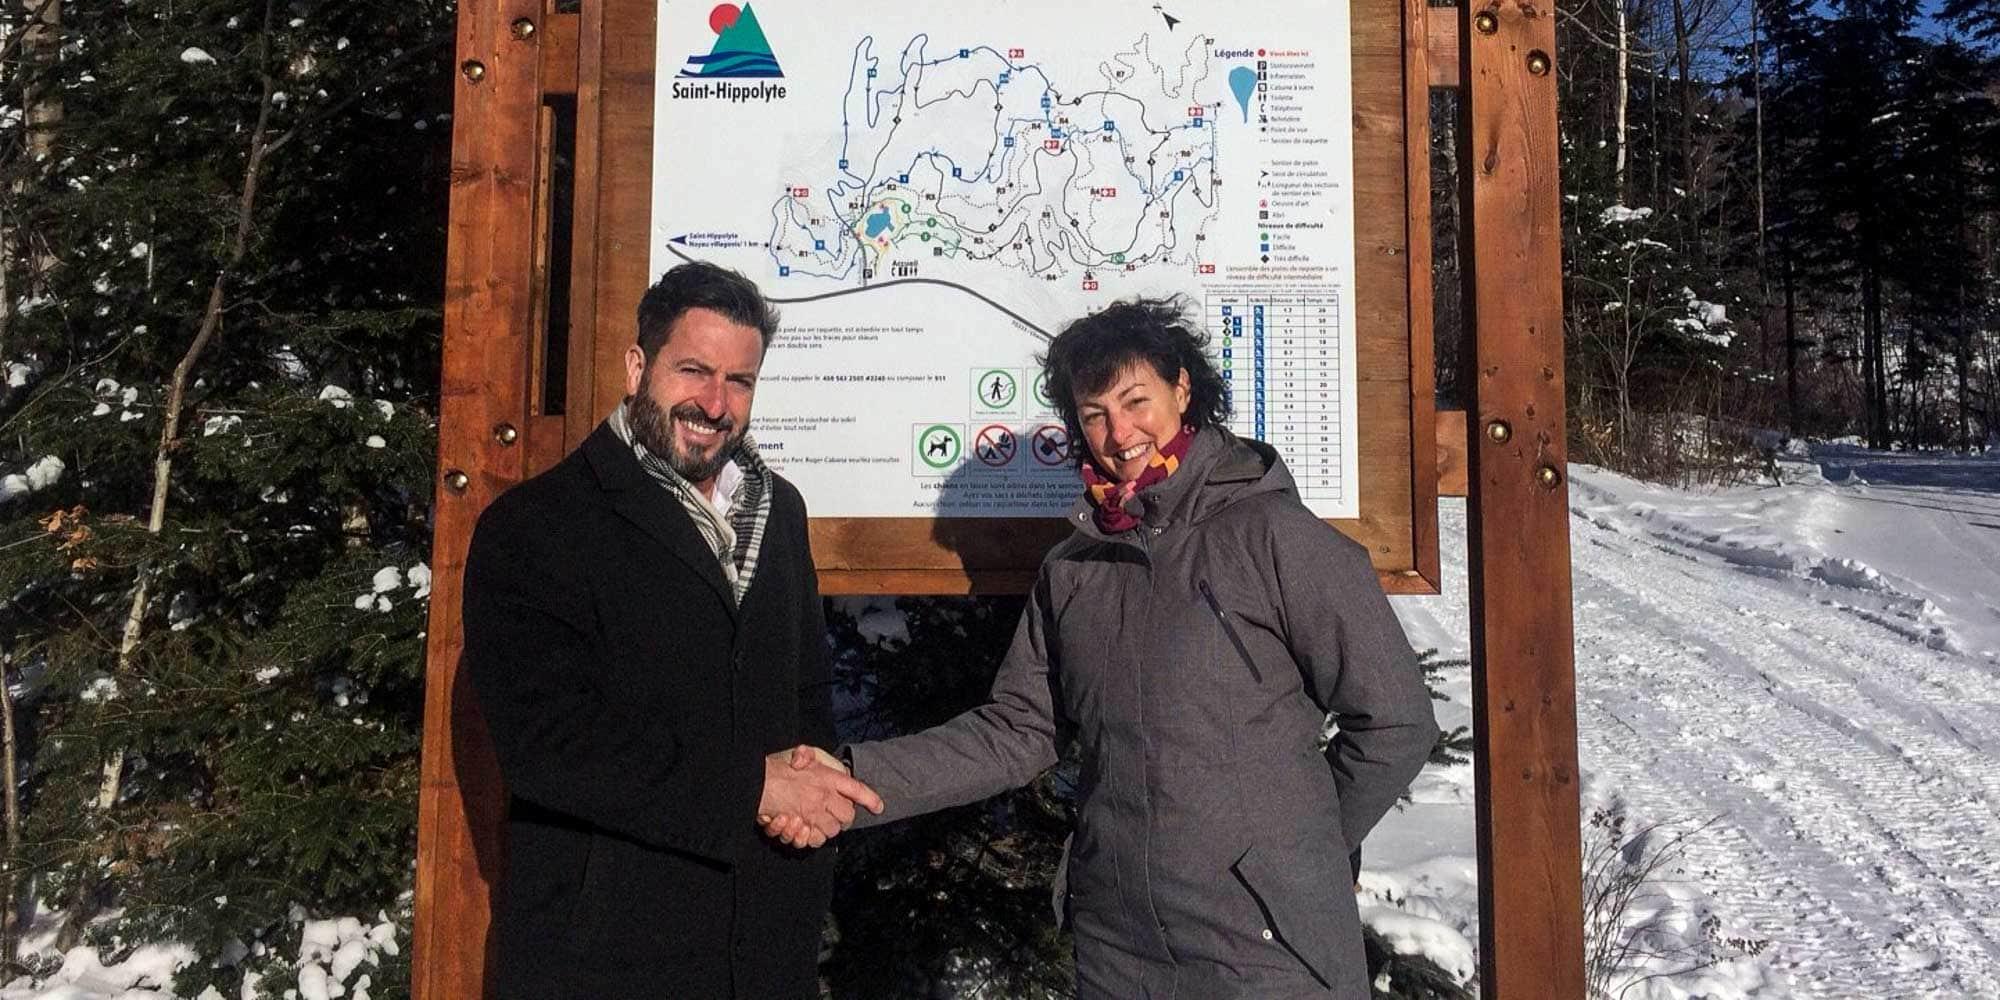 Le maire de Saint-Hippolyte Bruno Laroche et Manon Deslauriers, directrice générale des Centres d'activités physiques Rivière-du-Nord, au Centre de plein air Roger-Cabana, le 16 décembre 2016.